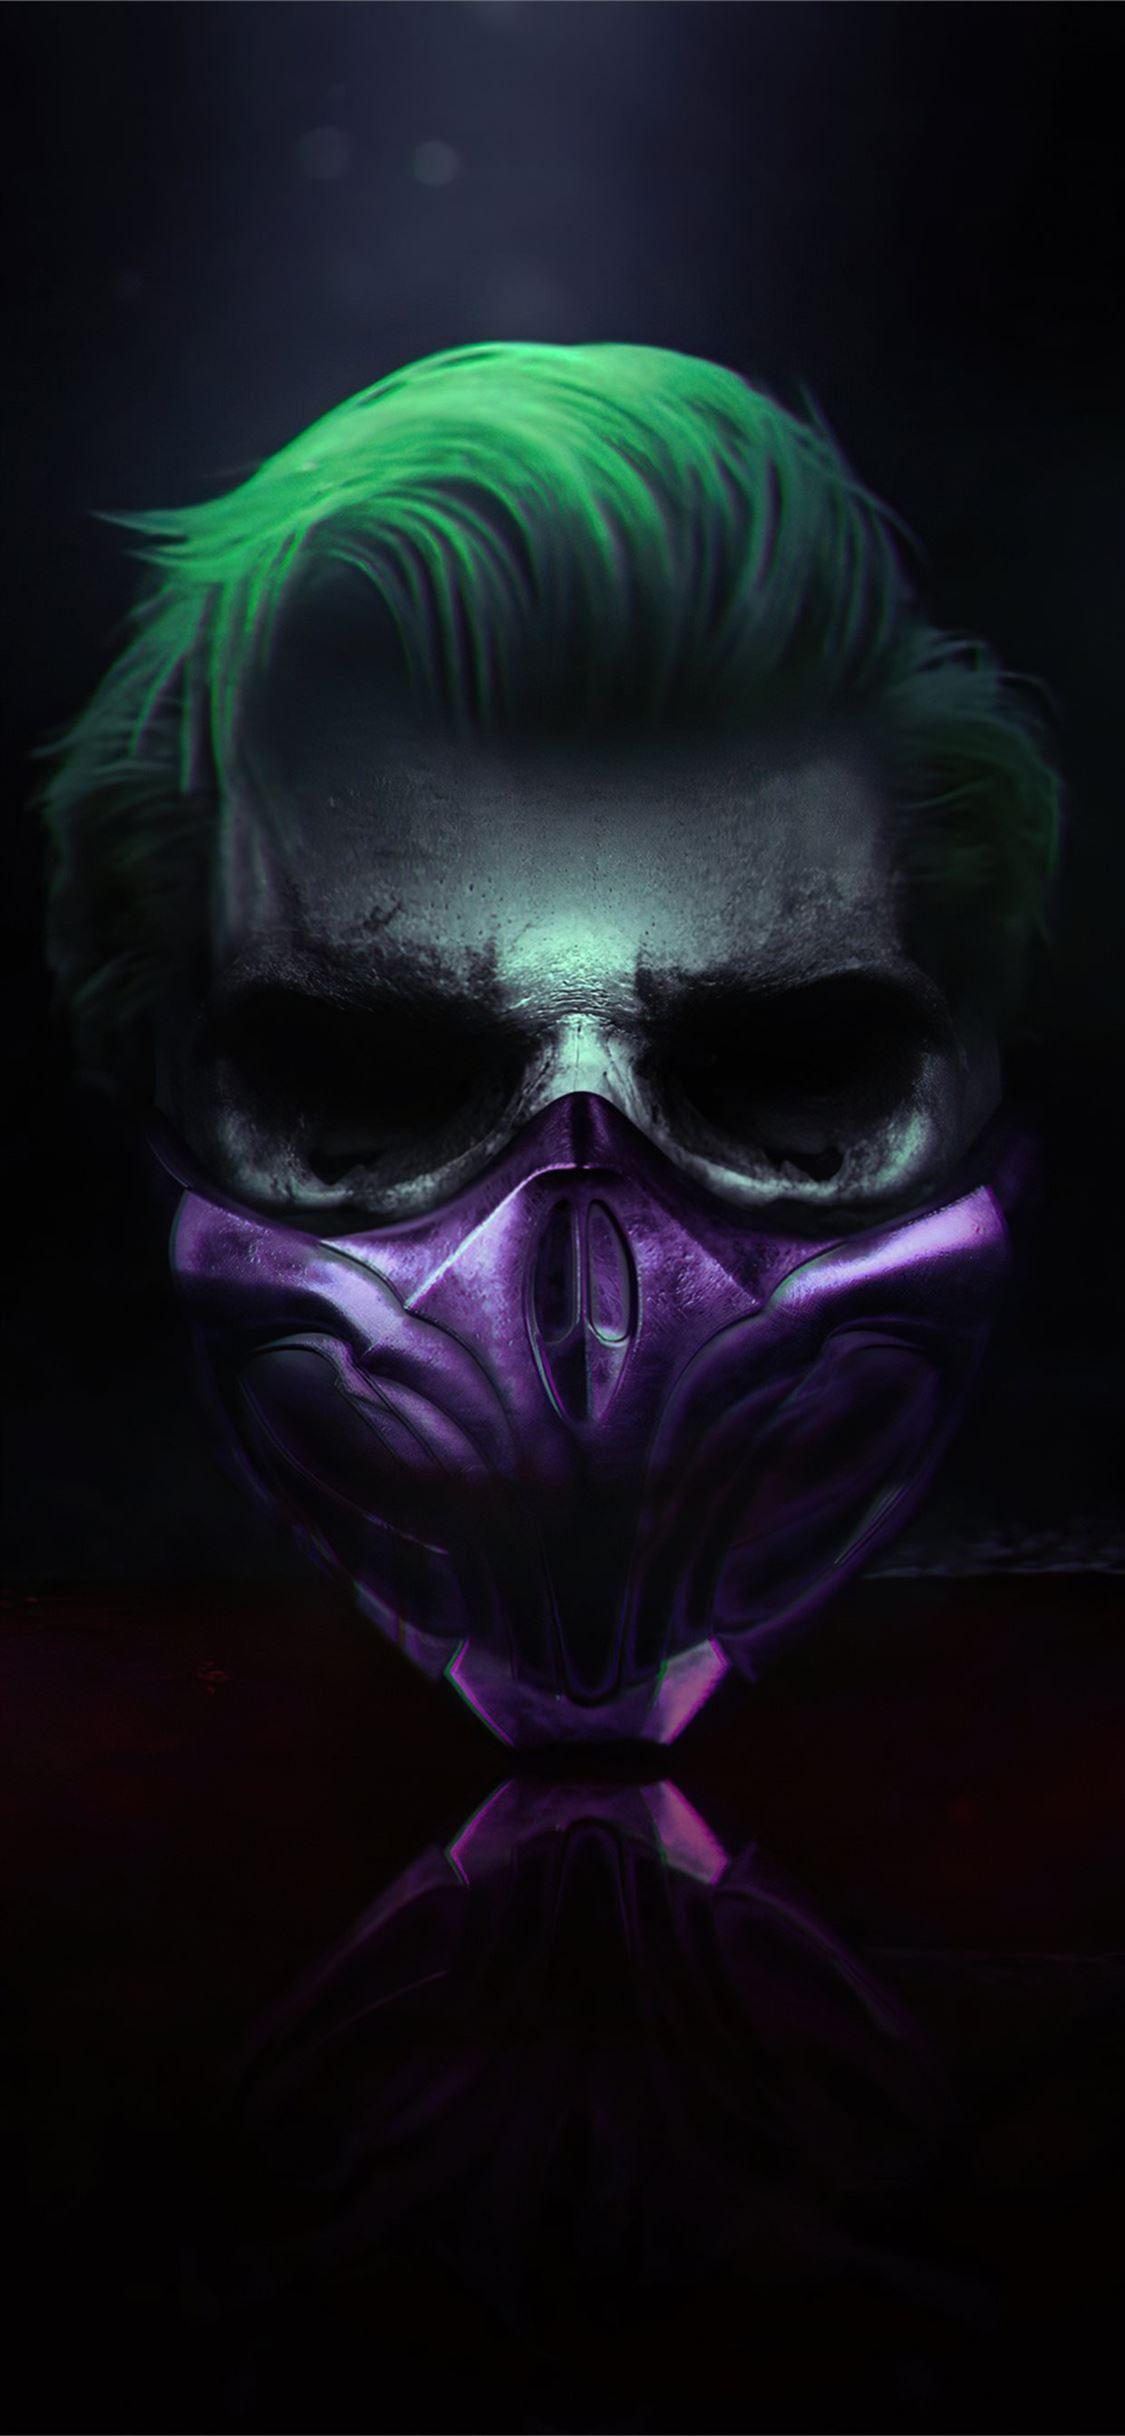 4k Joker Mask Joker Superheroes Artwork Artist 4k Artstation Games Iphone11wallpaper Joker Wallpapers Joker Mask Joker